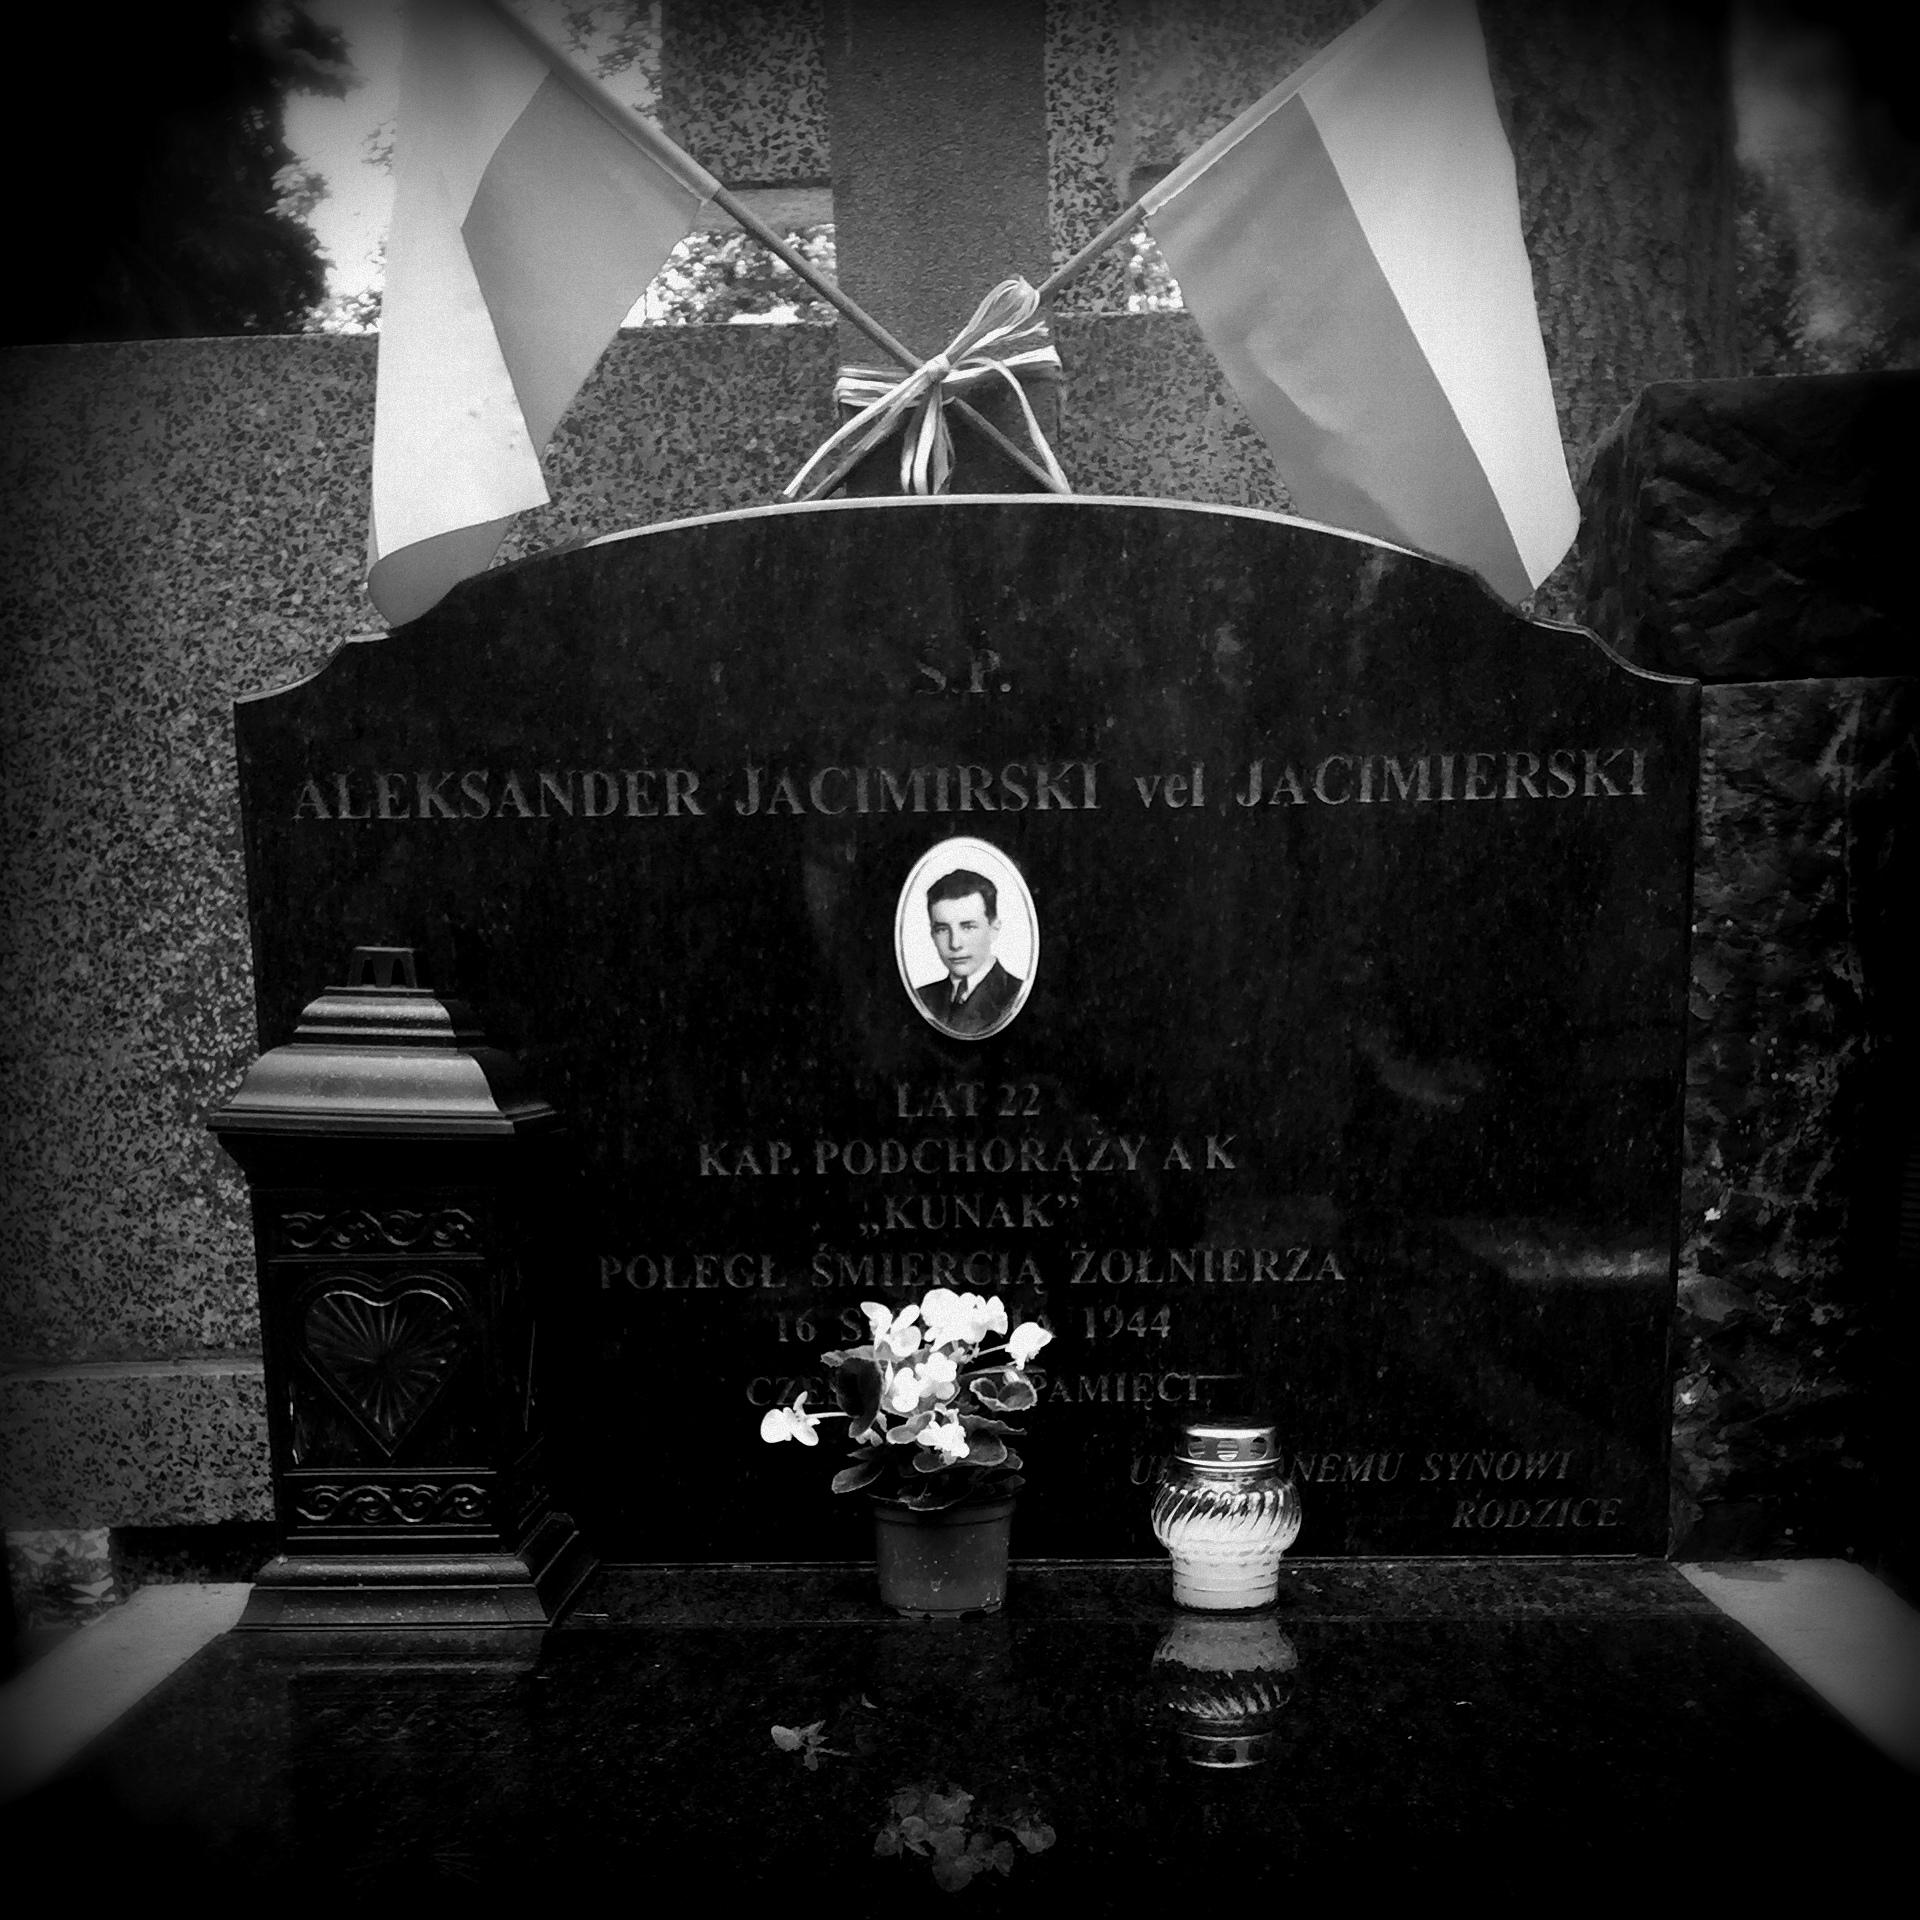 Cmentarz Wojskowy na Powązkach, kw. A25 - rząd 17 - grób 15, mogiła w której pochowany jest  Aleksander Jacimirski vel Jacimierski